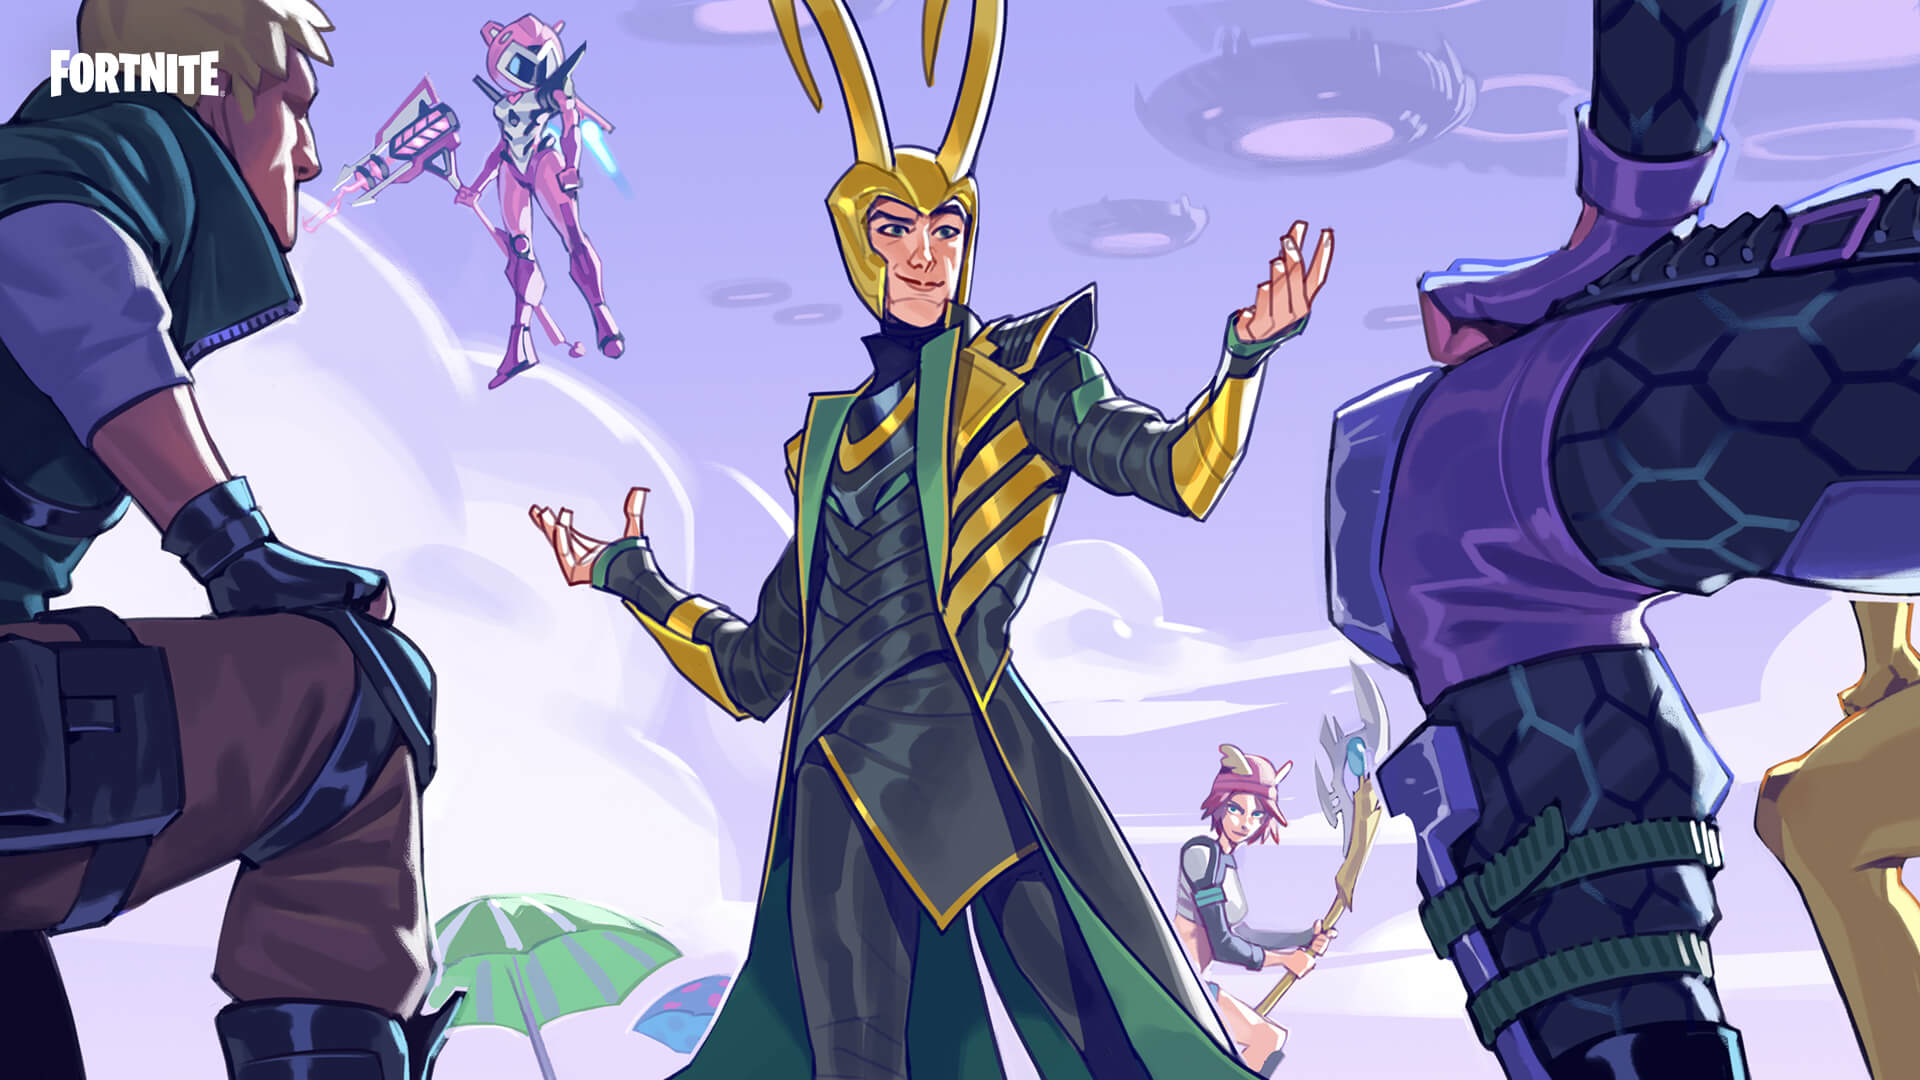 Fortnite přivítá Lokiho Loki 2